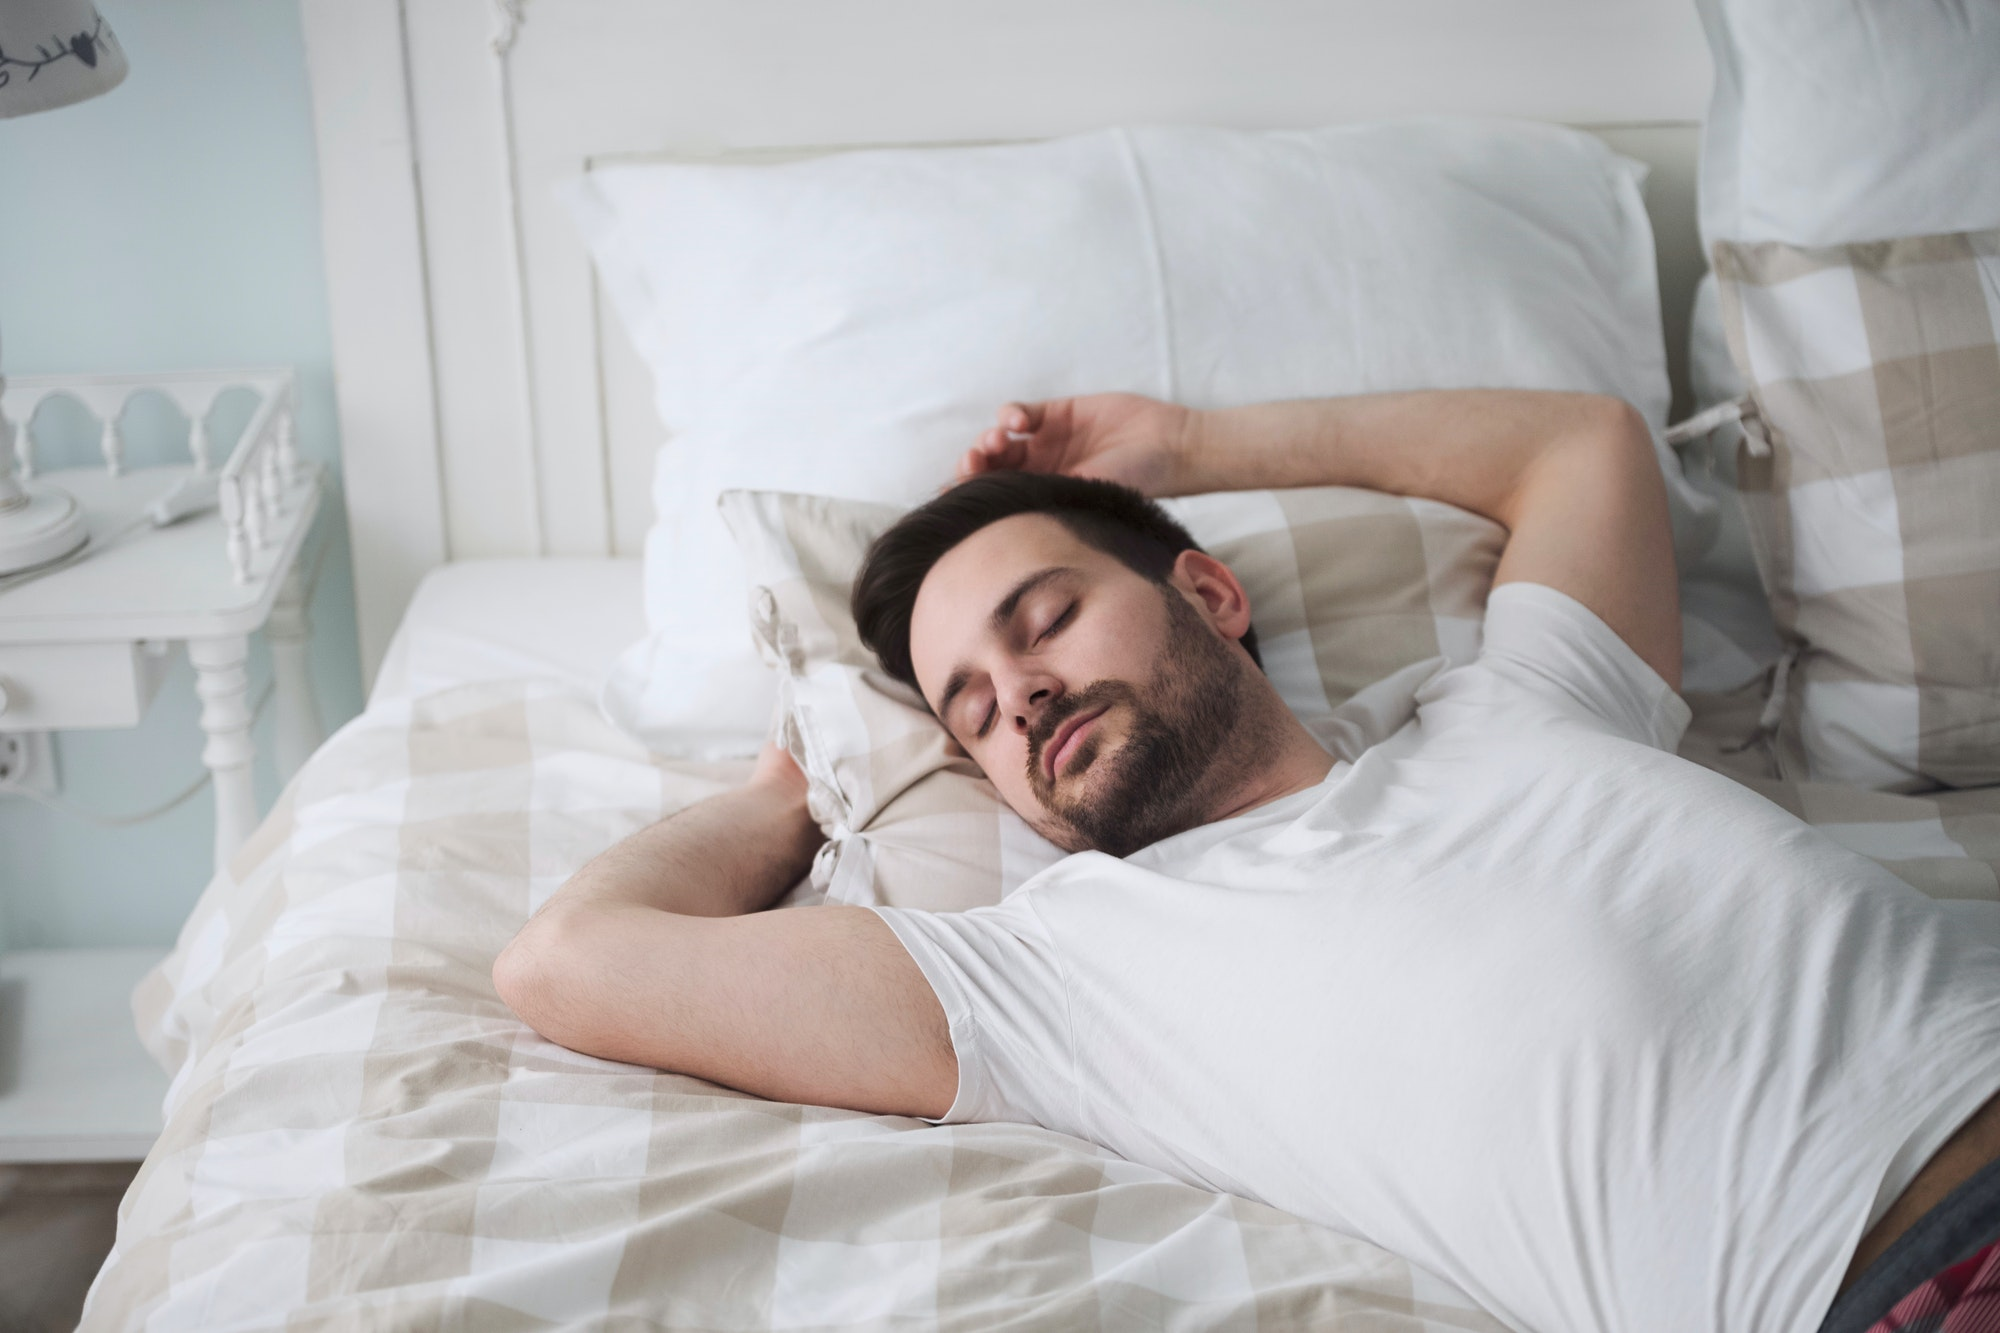 J'ai rêvé de mon ex